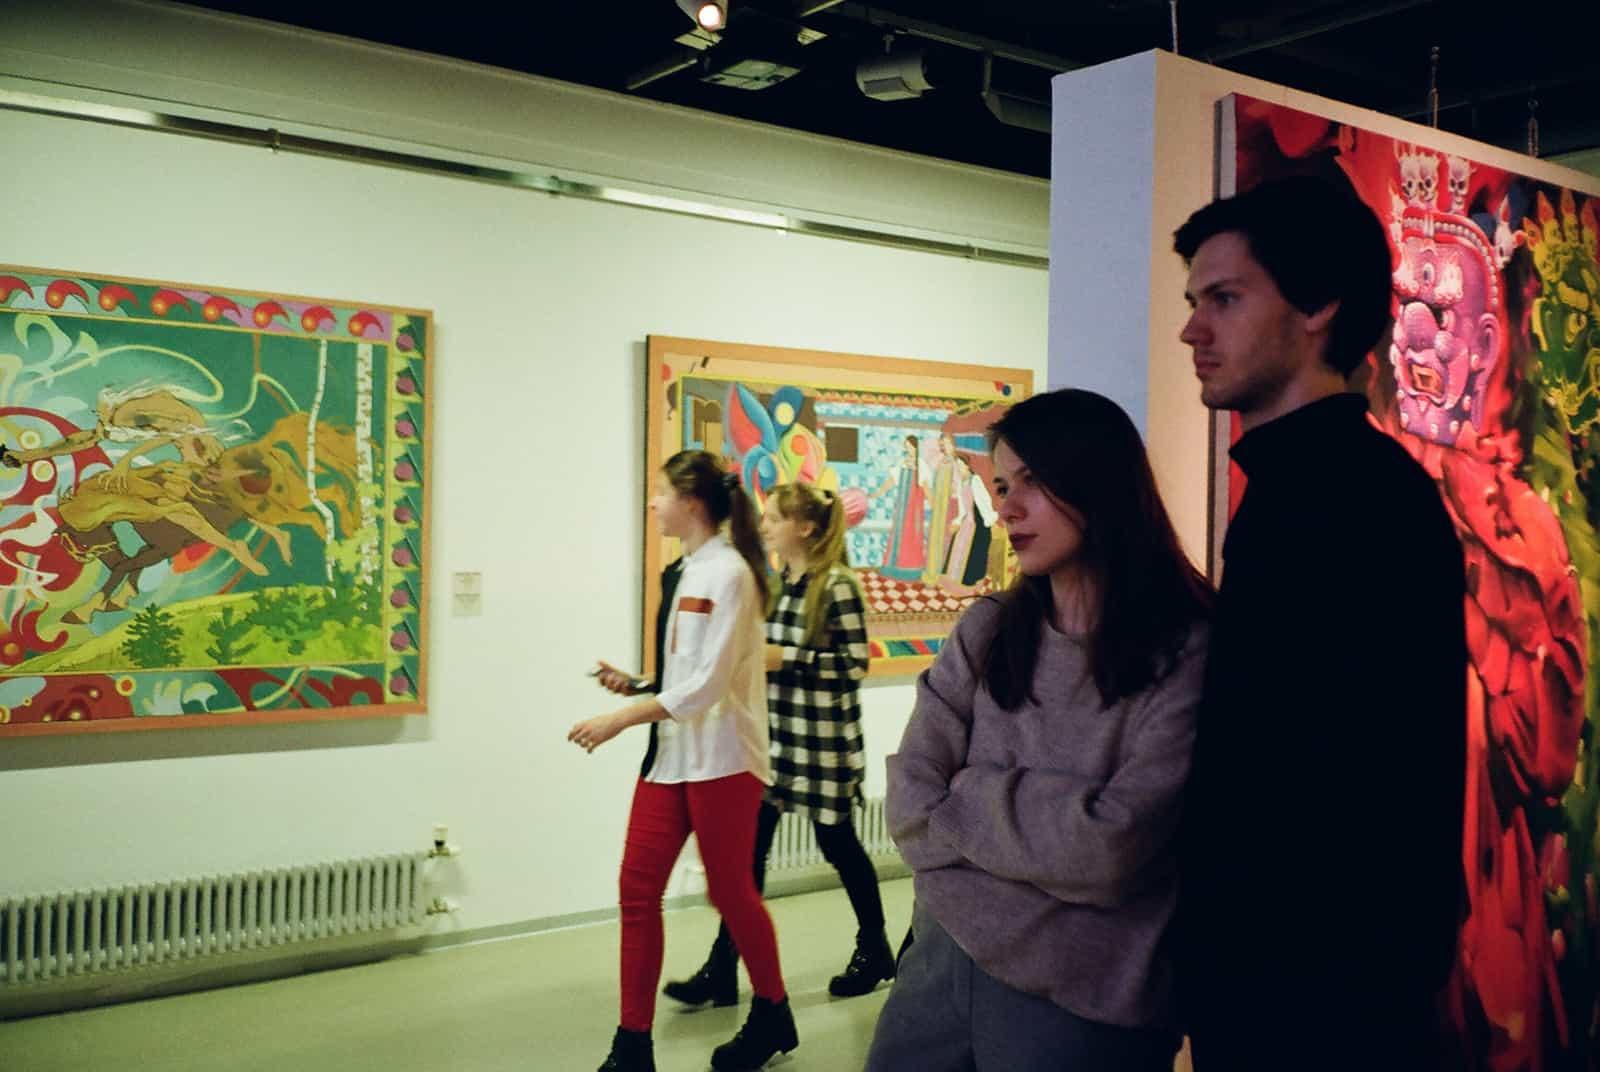 Ein Mann und eine Frau beobachten eine Bilderausstellung in der Kunstgalerie